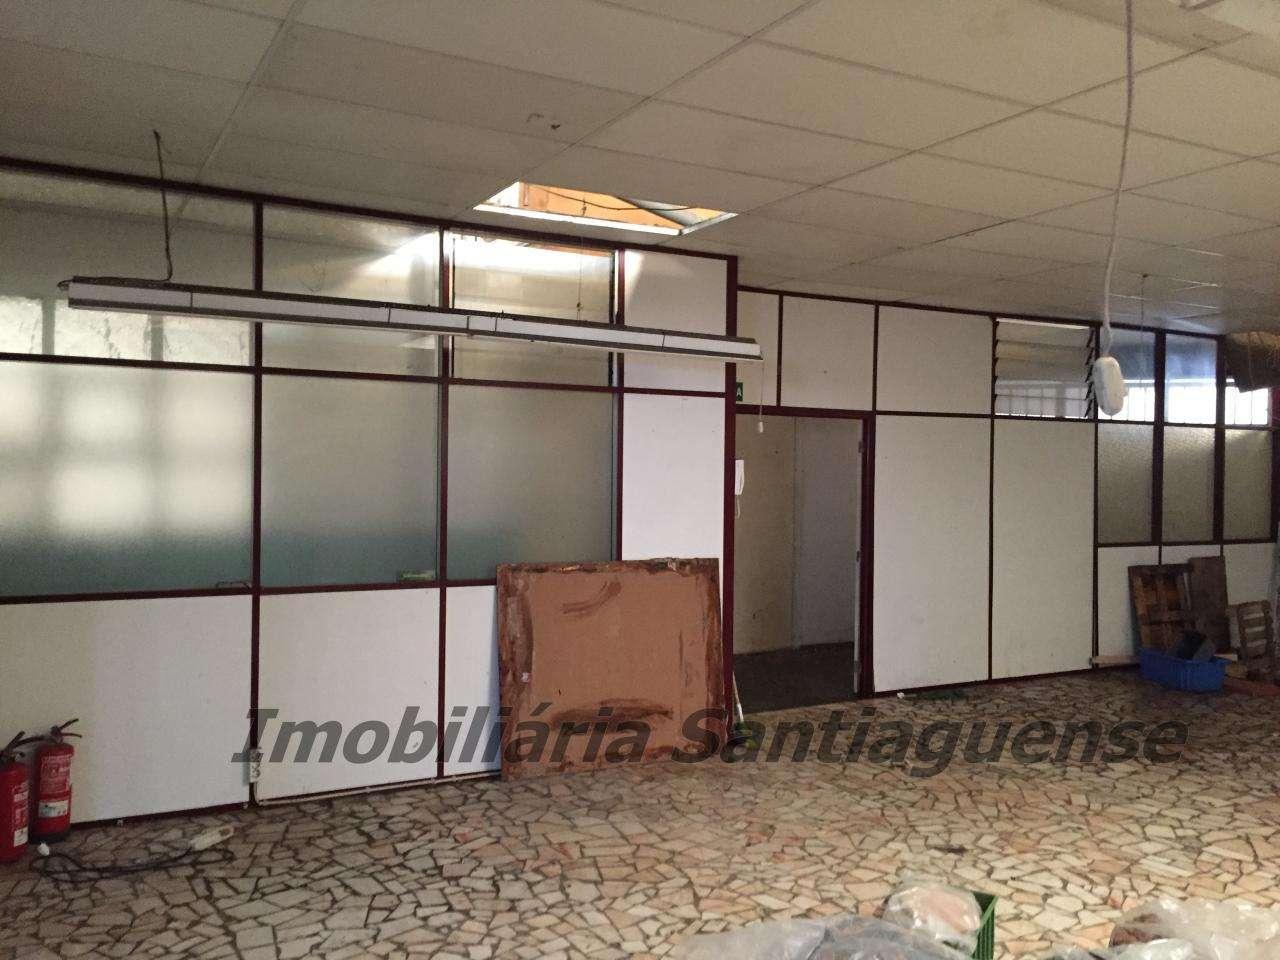 Armazém para arrendar, S. João da Madeira, Aveiro - Foto 4